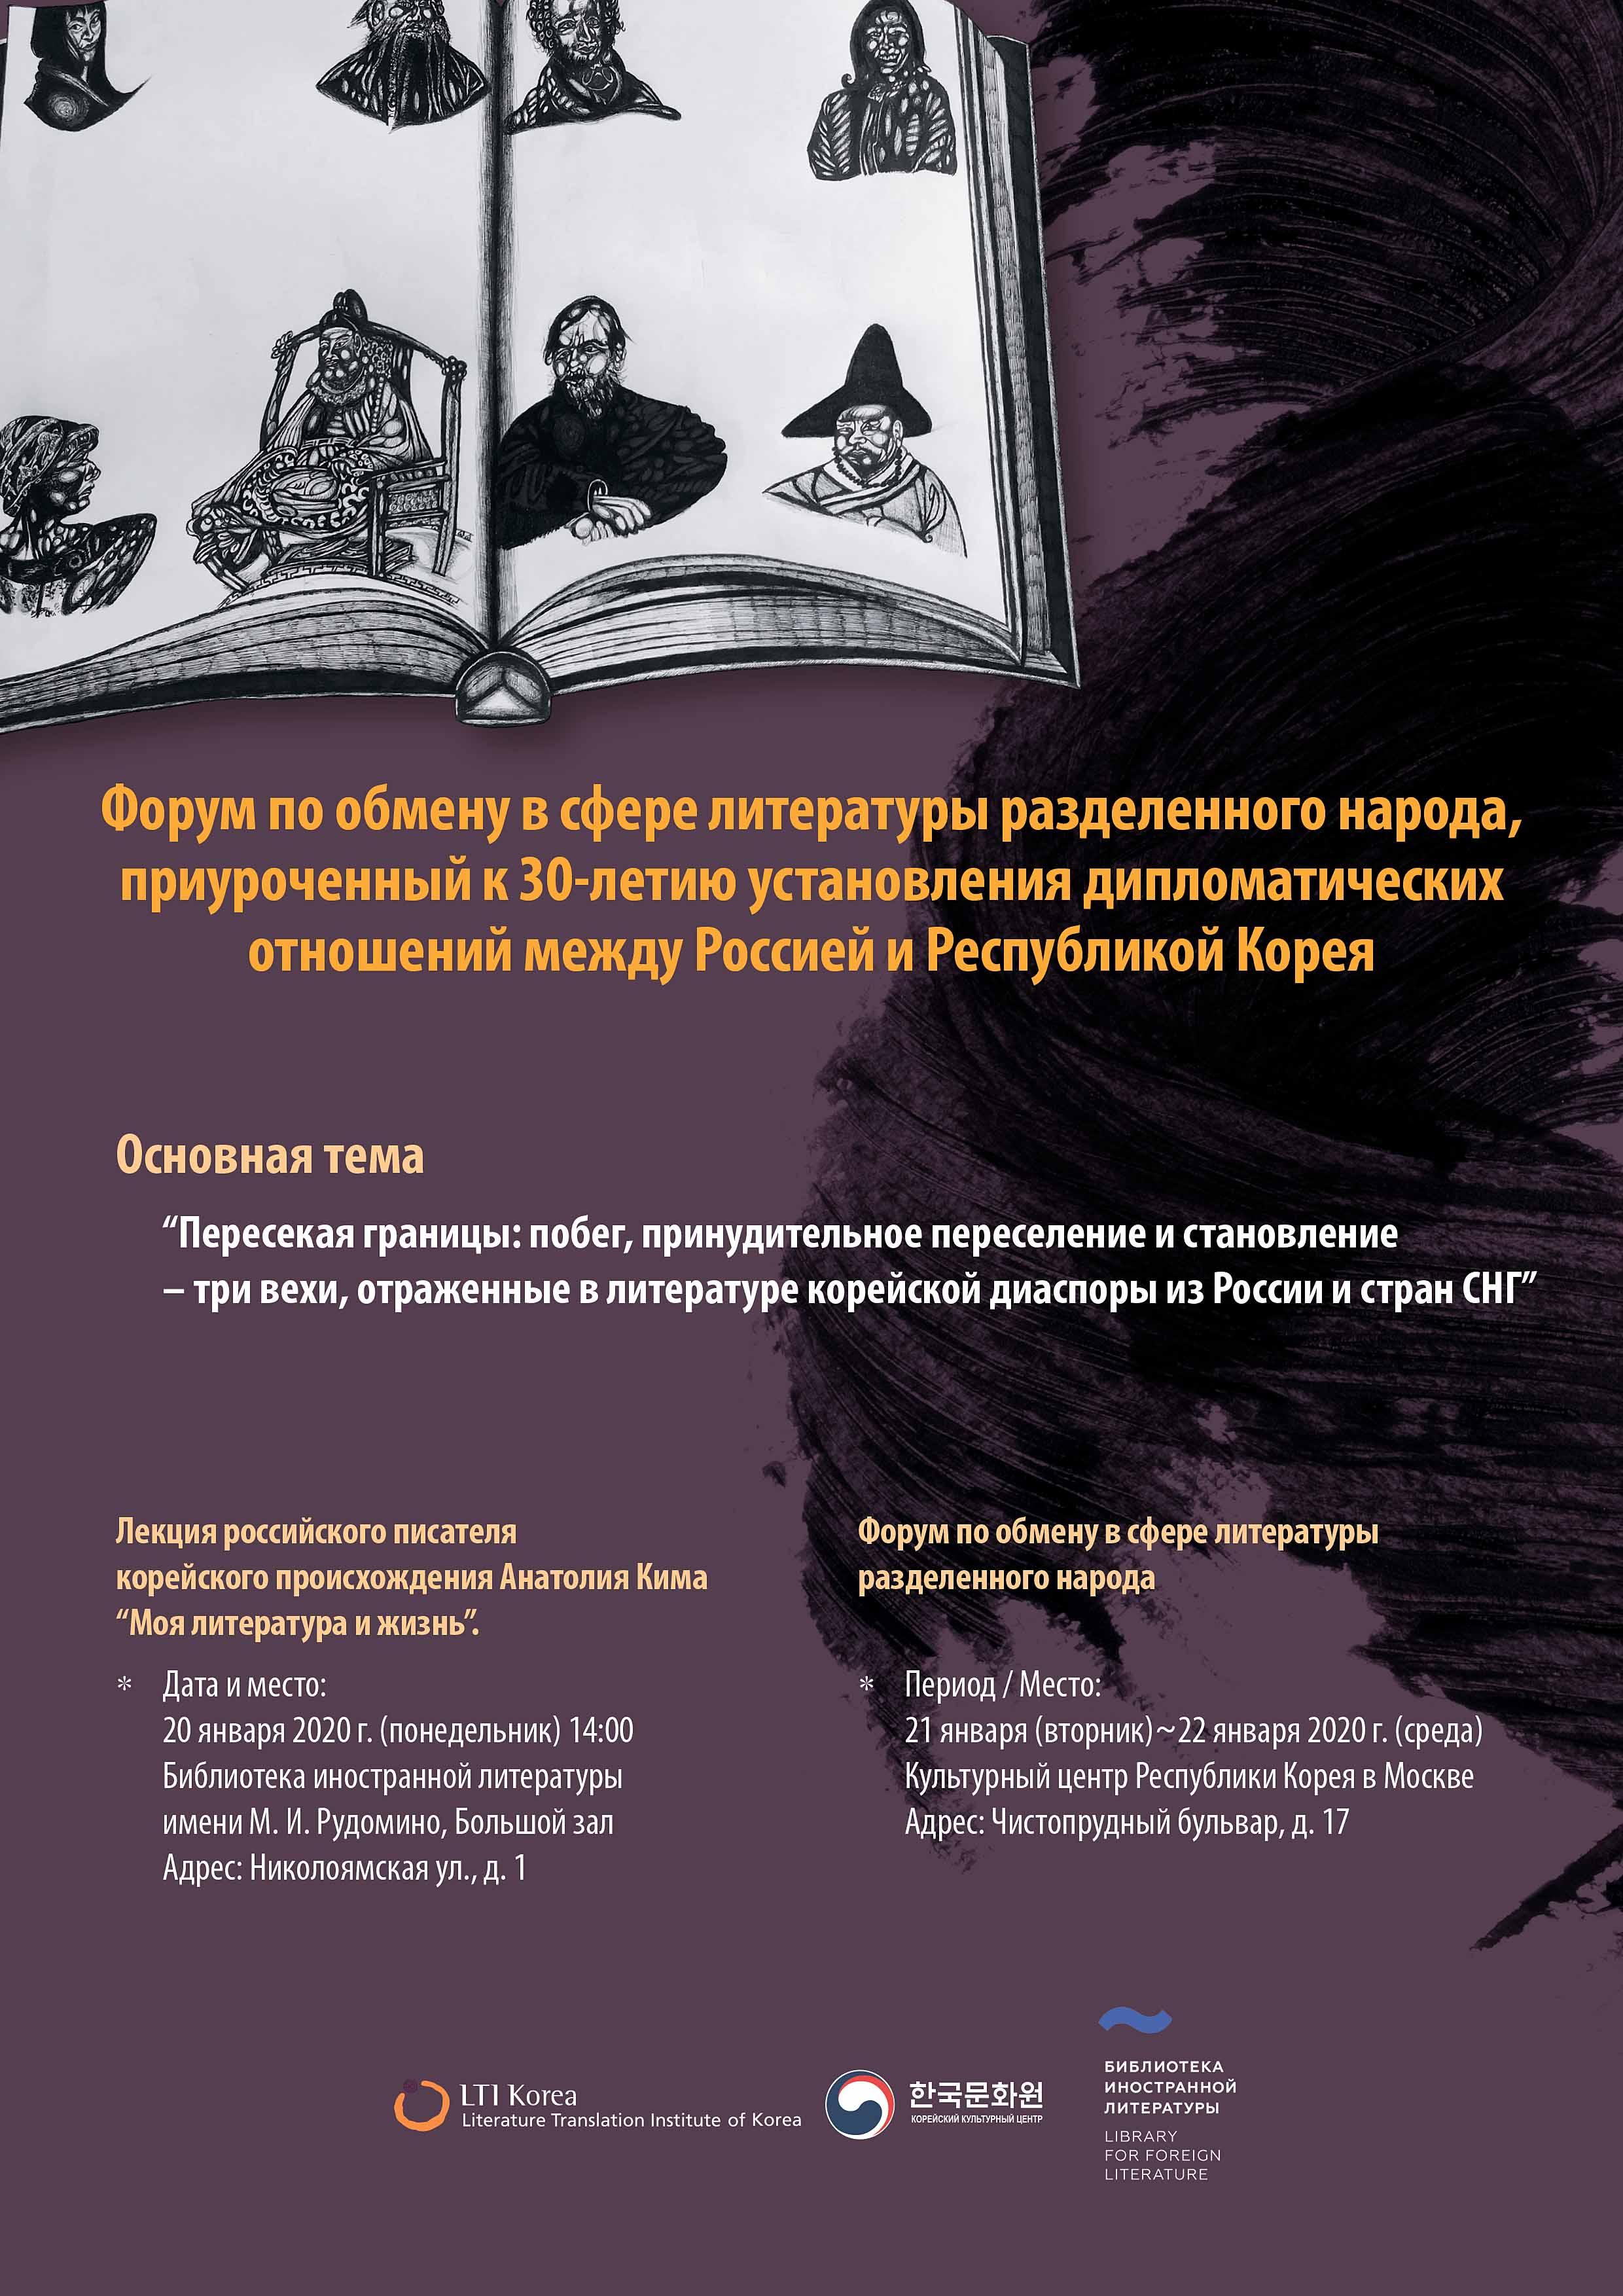 Постер Форума по обмену в сфере литературы разделенного корейского народа, приуроченного к 30 летию с момента установления дипломатических отношений между Россией и Р.jpg